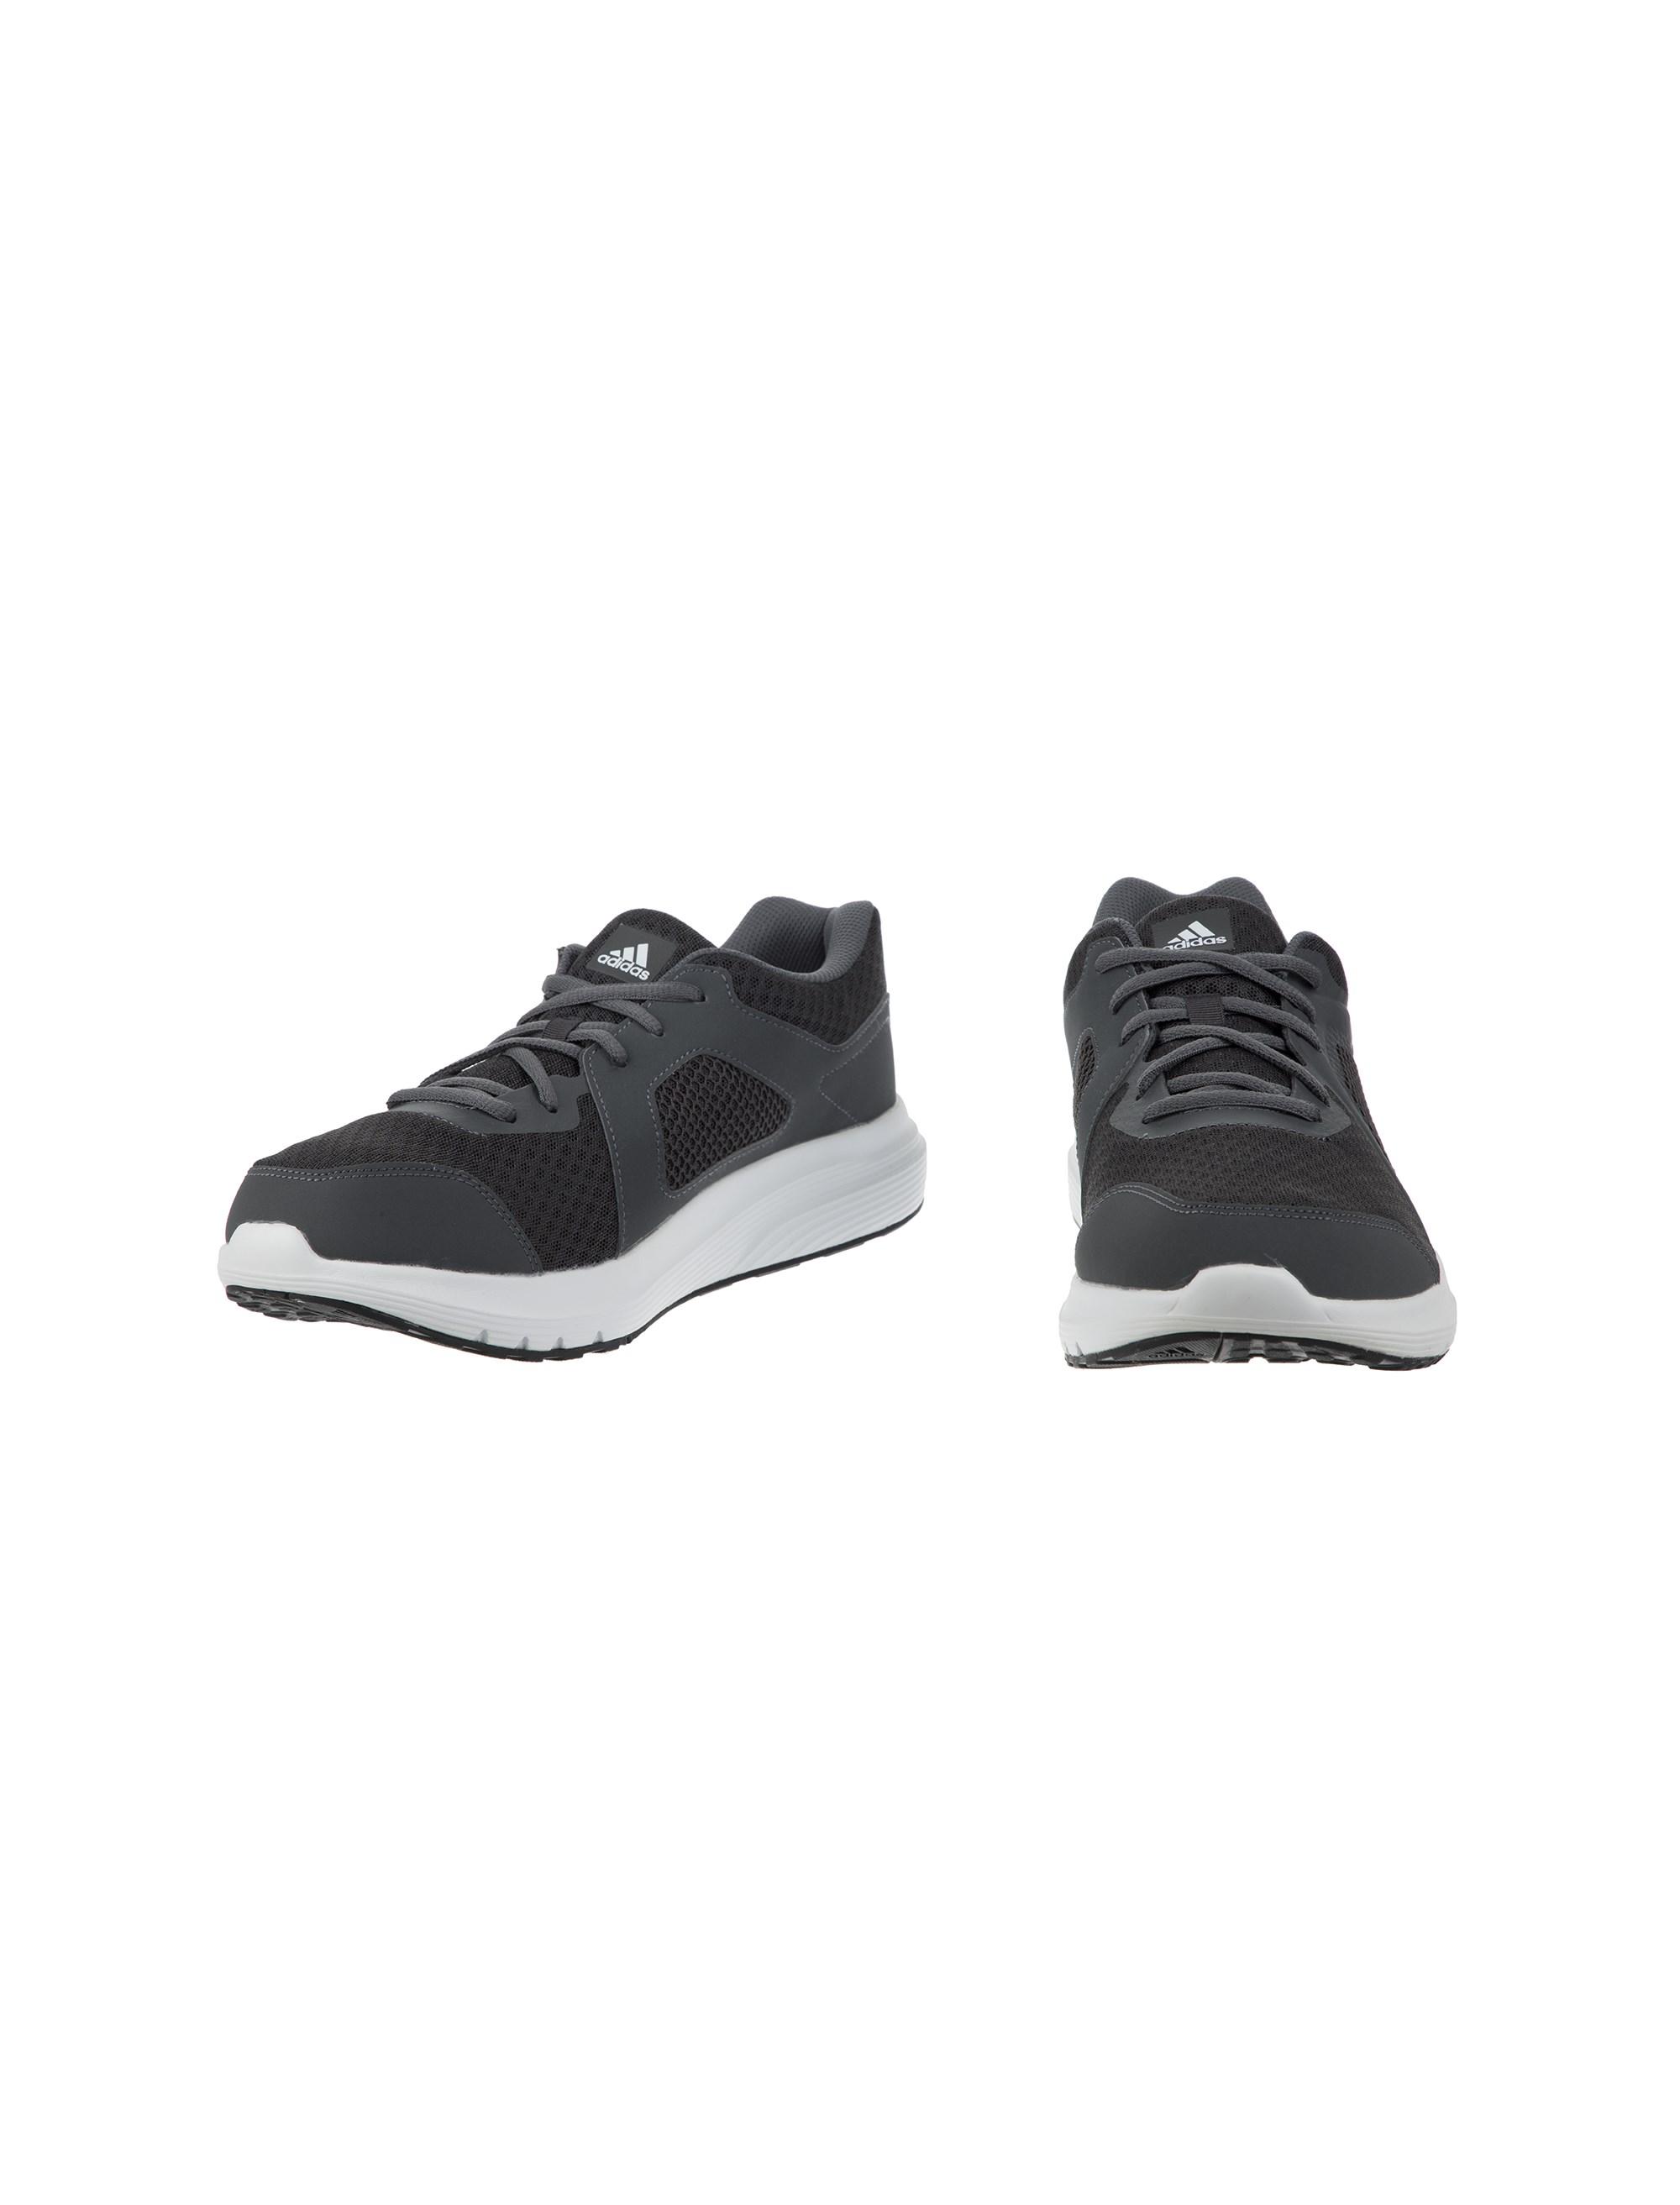 کفش دویدن بندی مردانه Galactic 2 - آدیداس - طوسي - 4